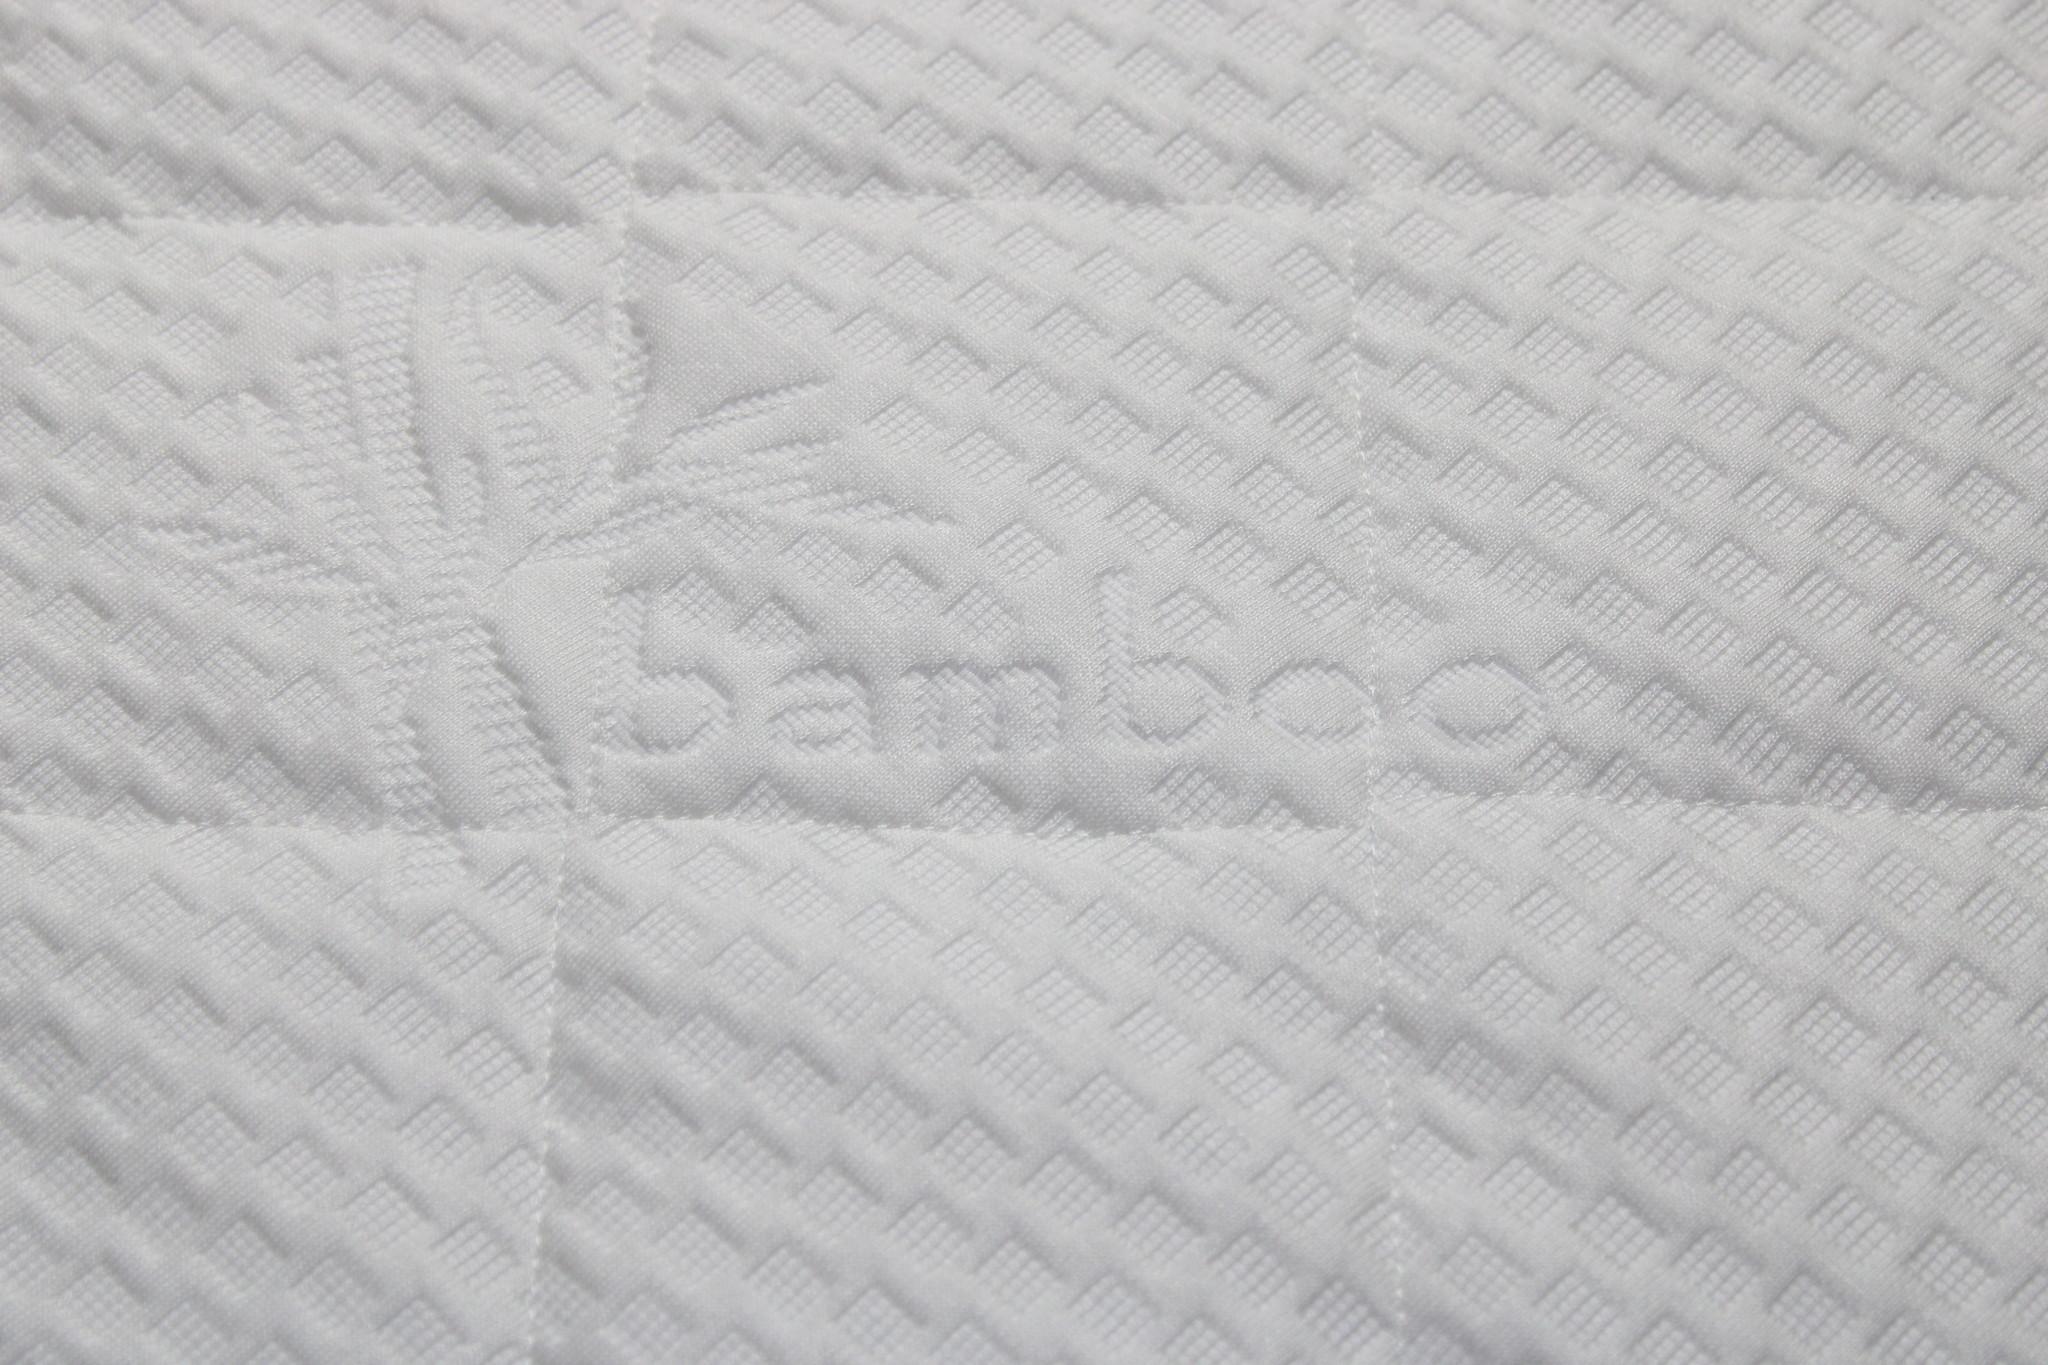 Sarpy Babymatras 50x120 koudschuim hr40 bamboo